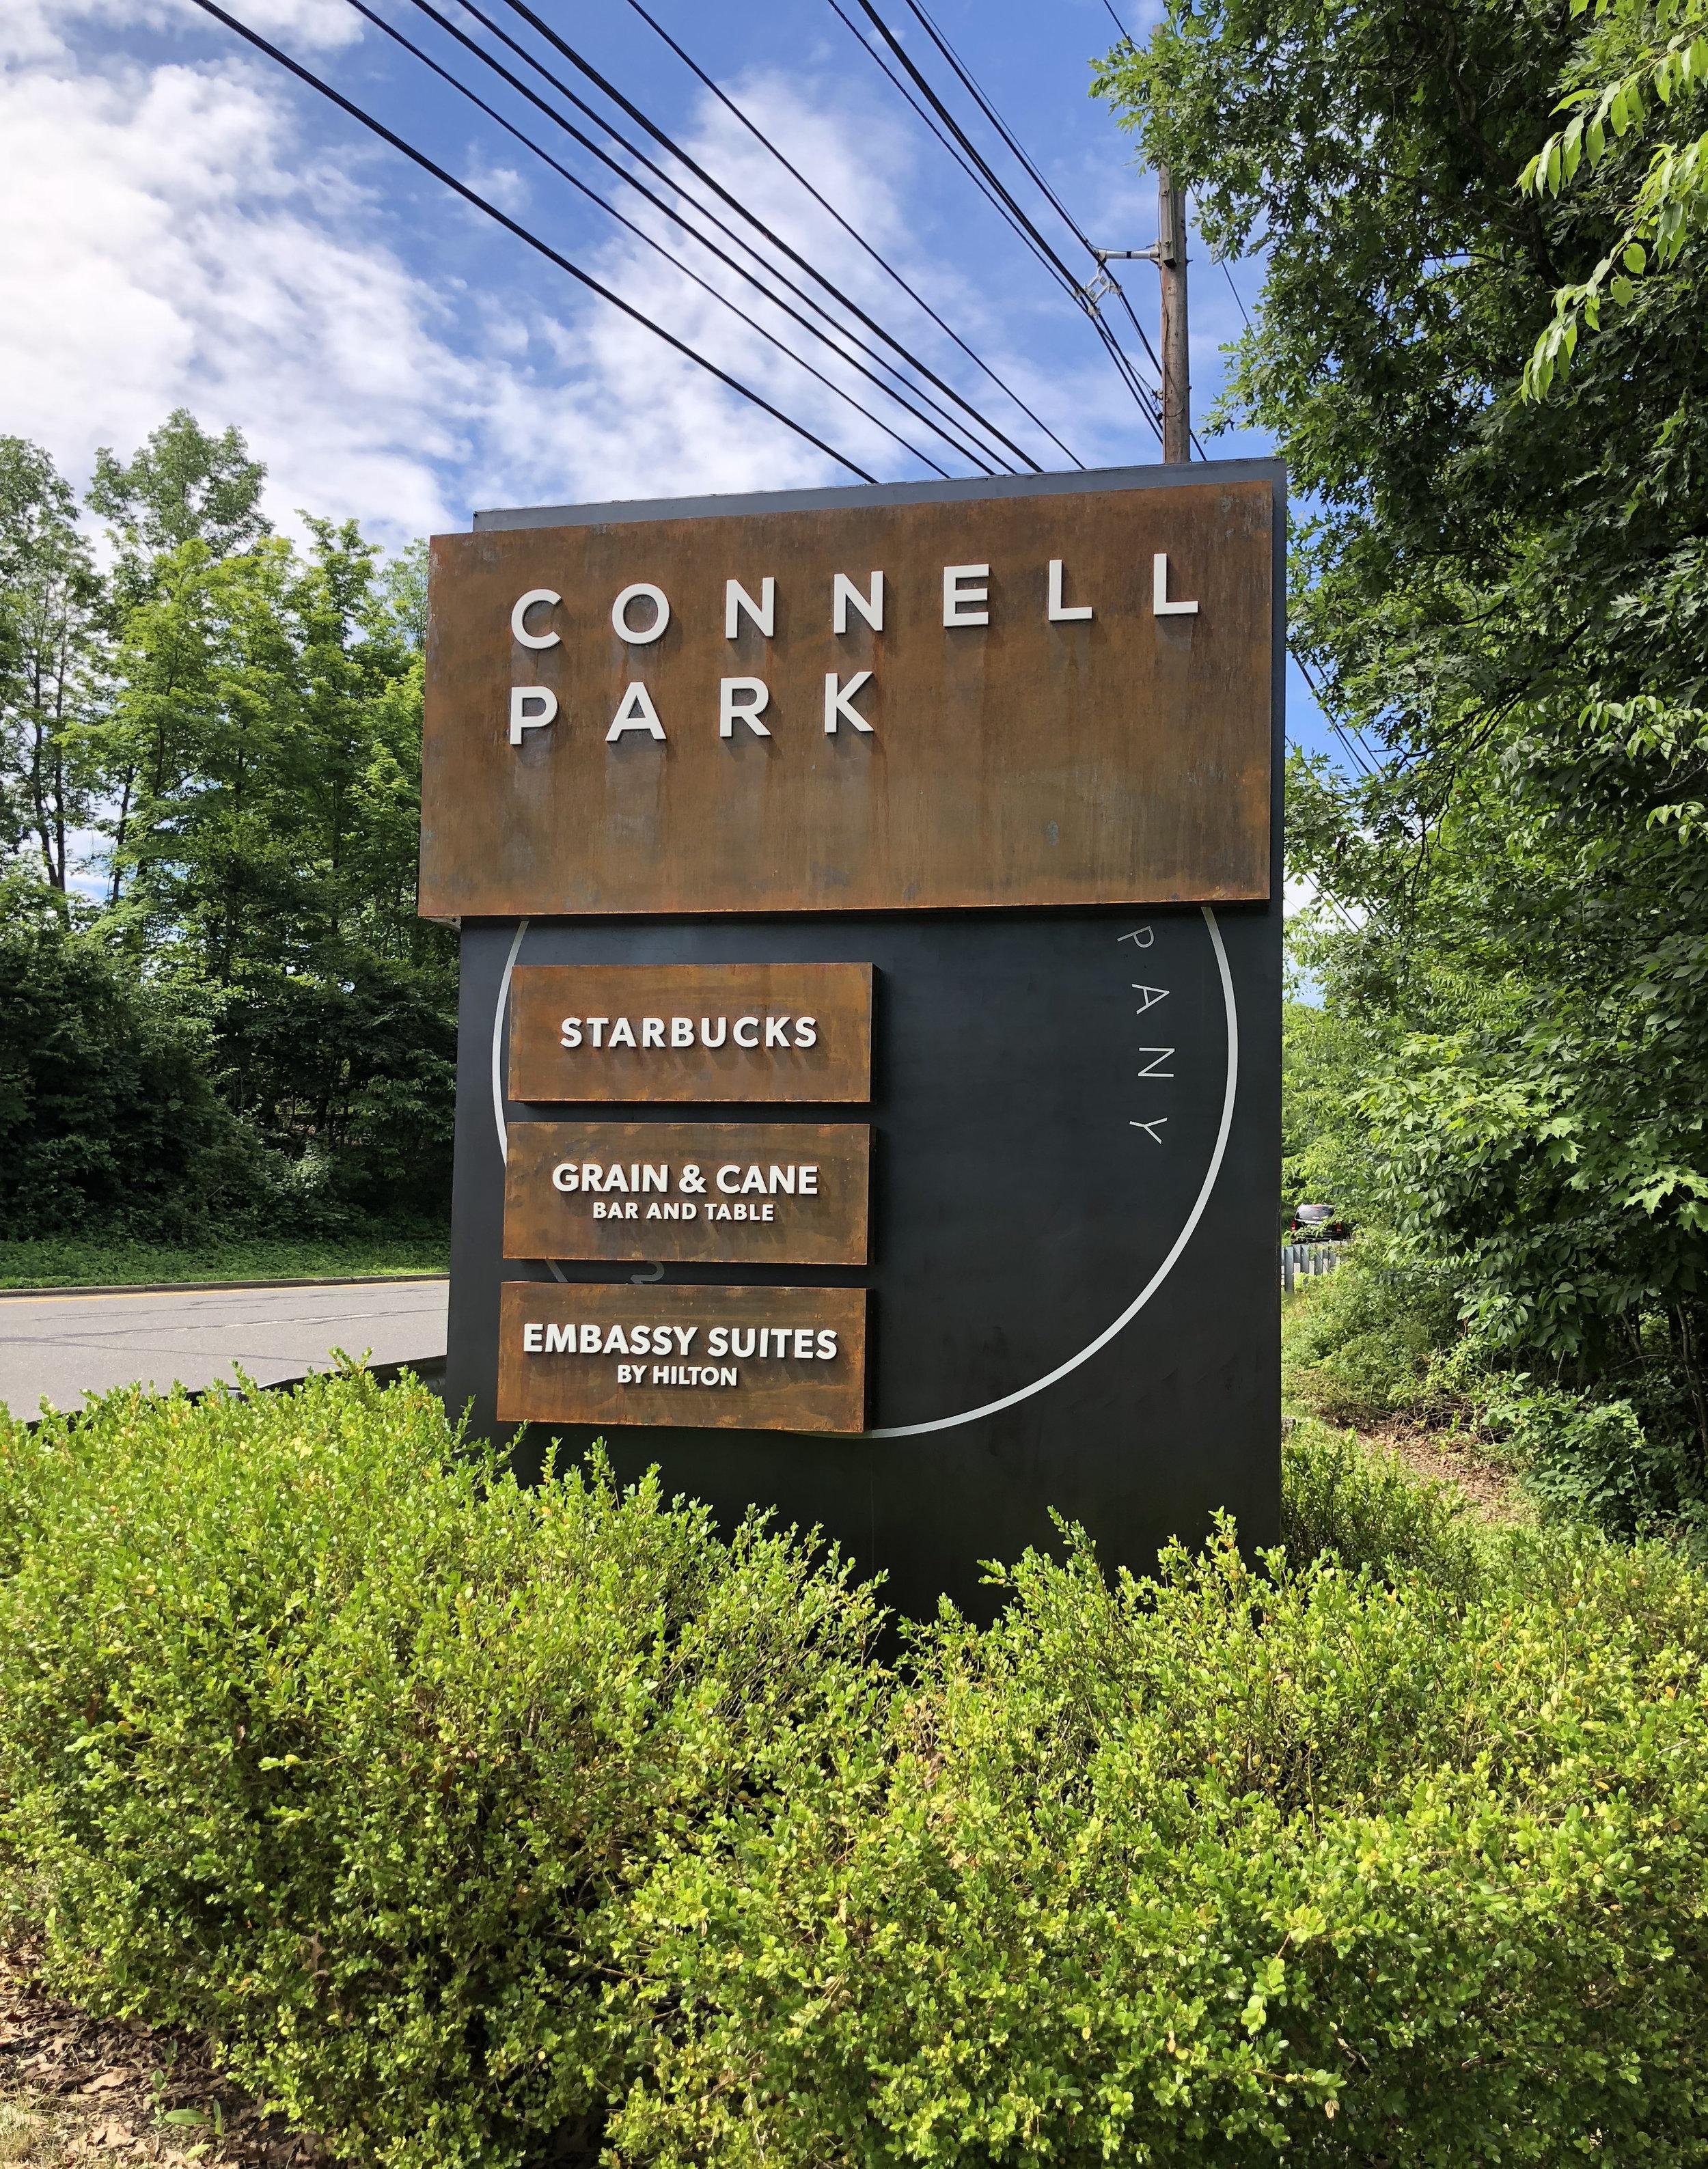 connellpark_resized_03.jpg